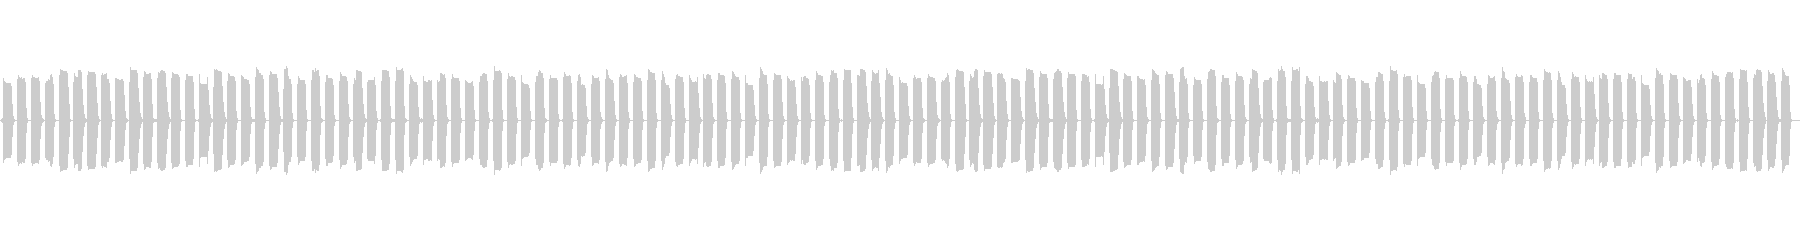 【効果音】宇宙との交信(ピコピコ電子音)の未再生の波形